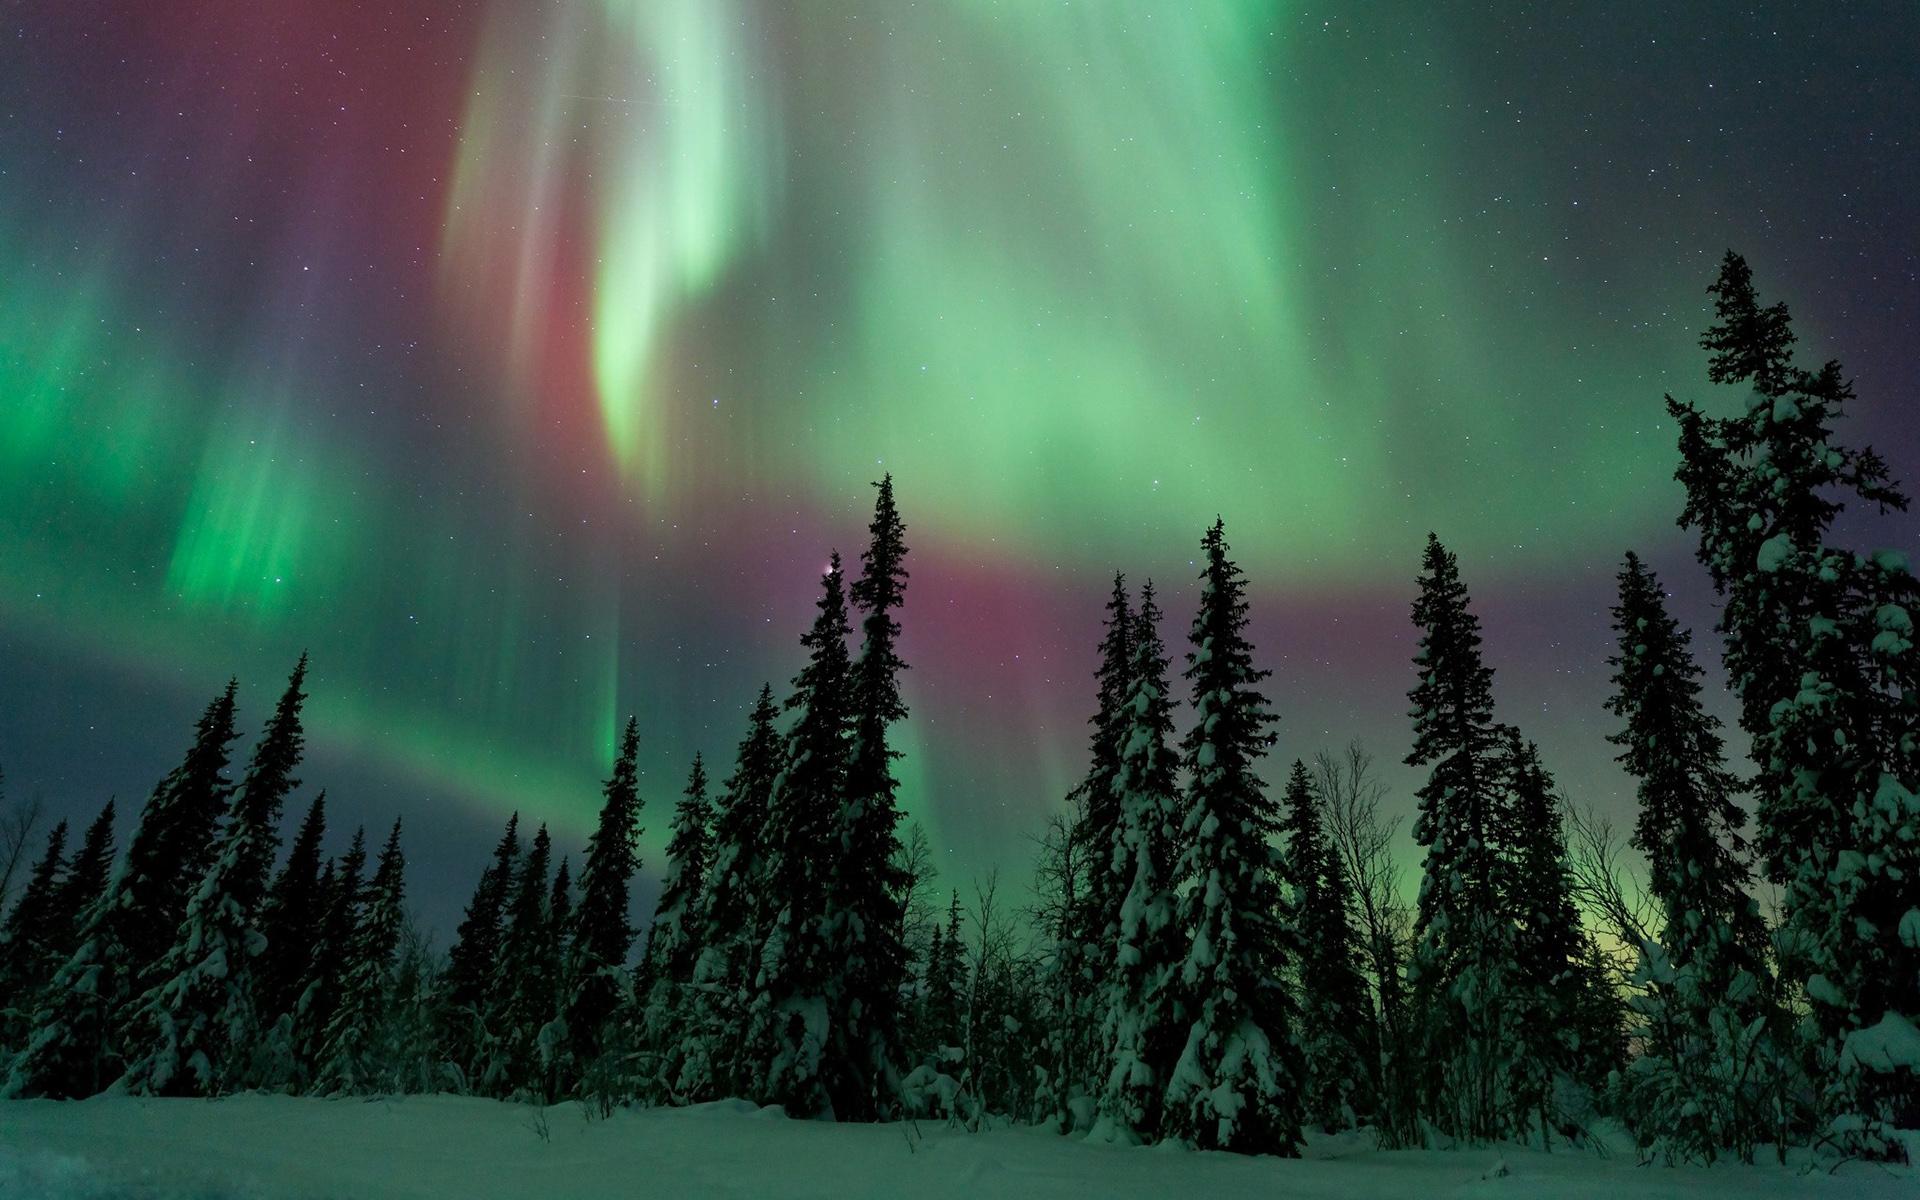 картинки северного сияния зимой жизнь ещё